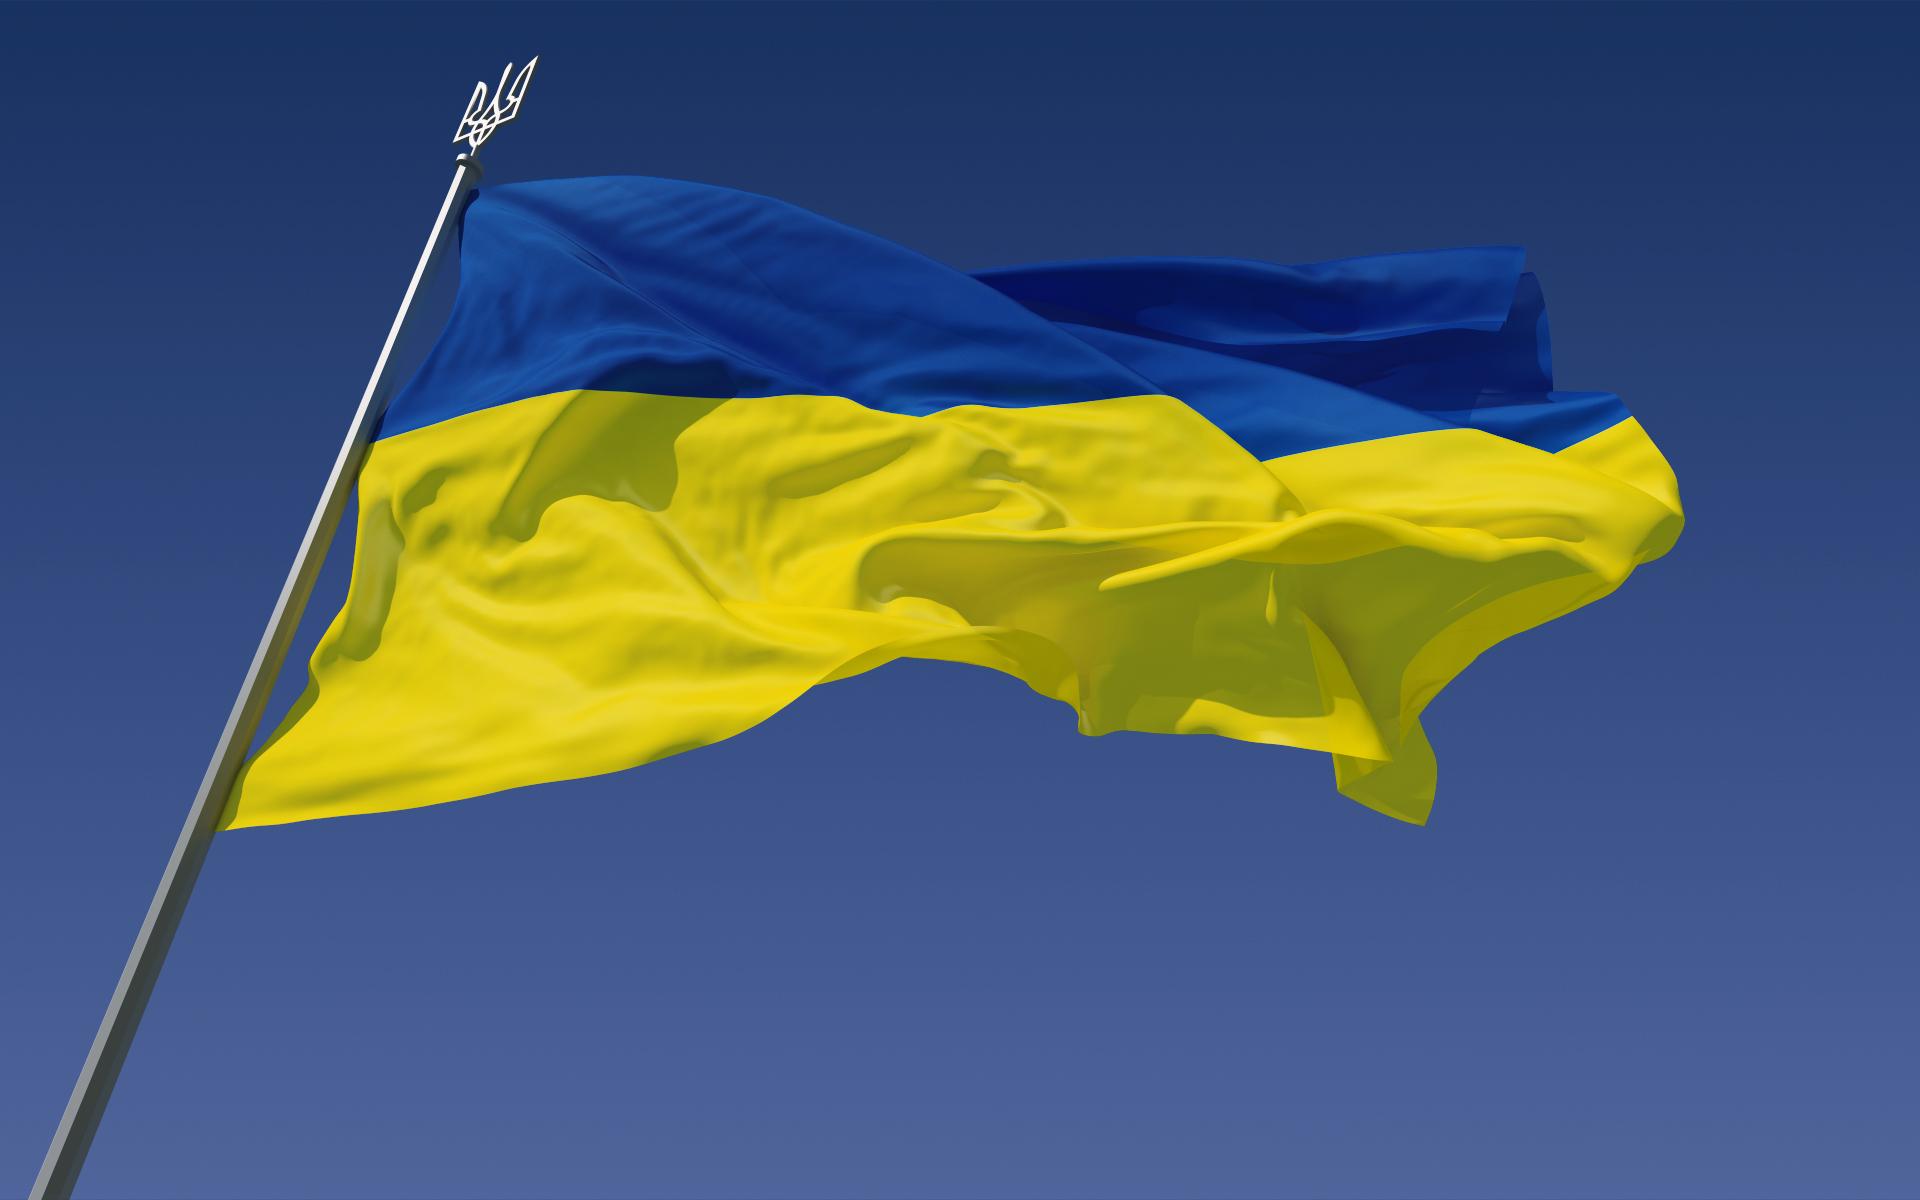 Rusiyalı müşahidəçilər Ukraynaya buraxılmayacaq